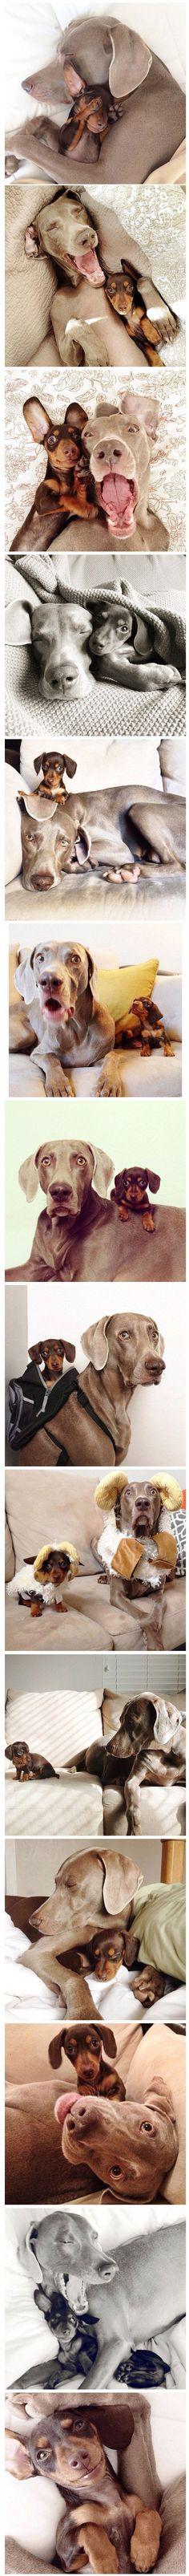 omggg Nos encanta esta serie de fotografías de esta simpática #pareja de perros #AmorAnimal www.twinshoes.es